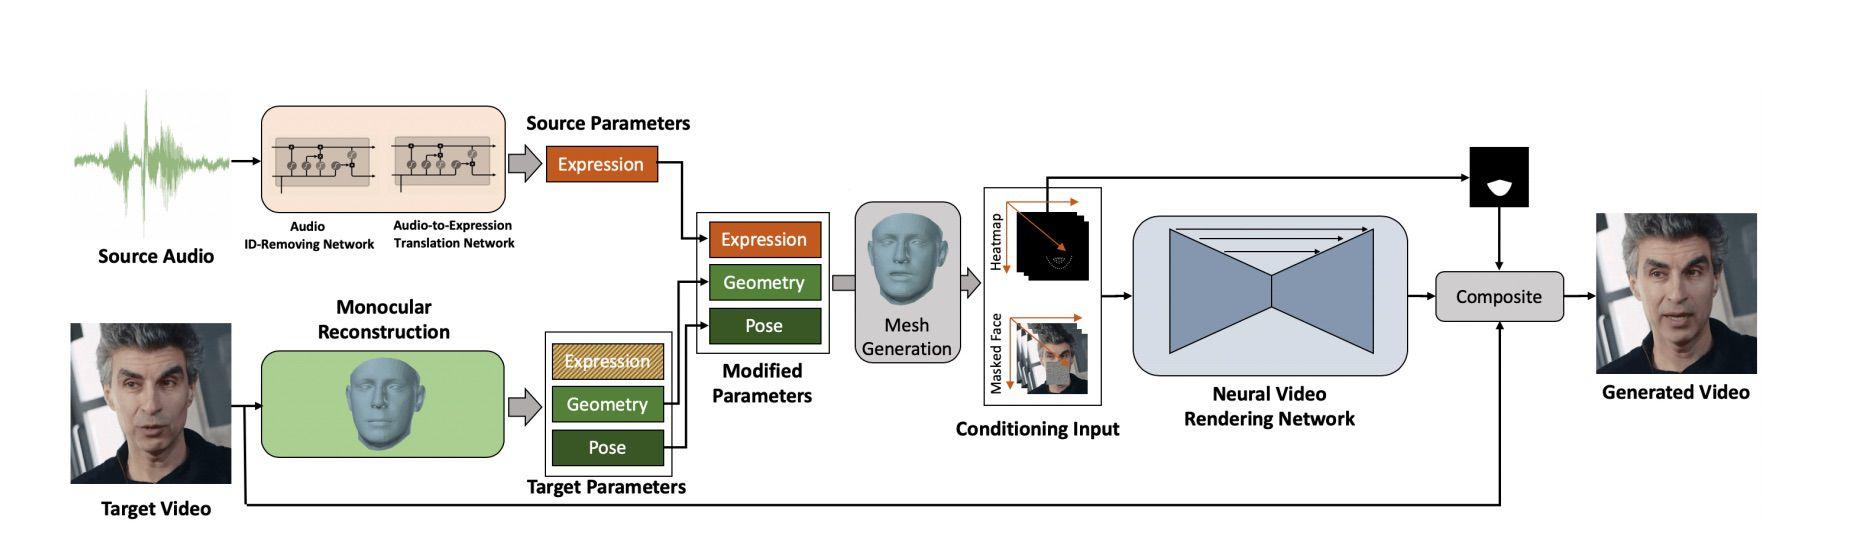 Schéma qui représente la méthodologie utilisée par les chercheurs de SenseTime